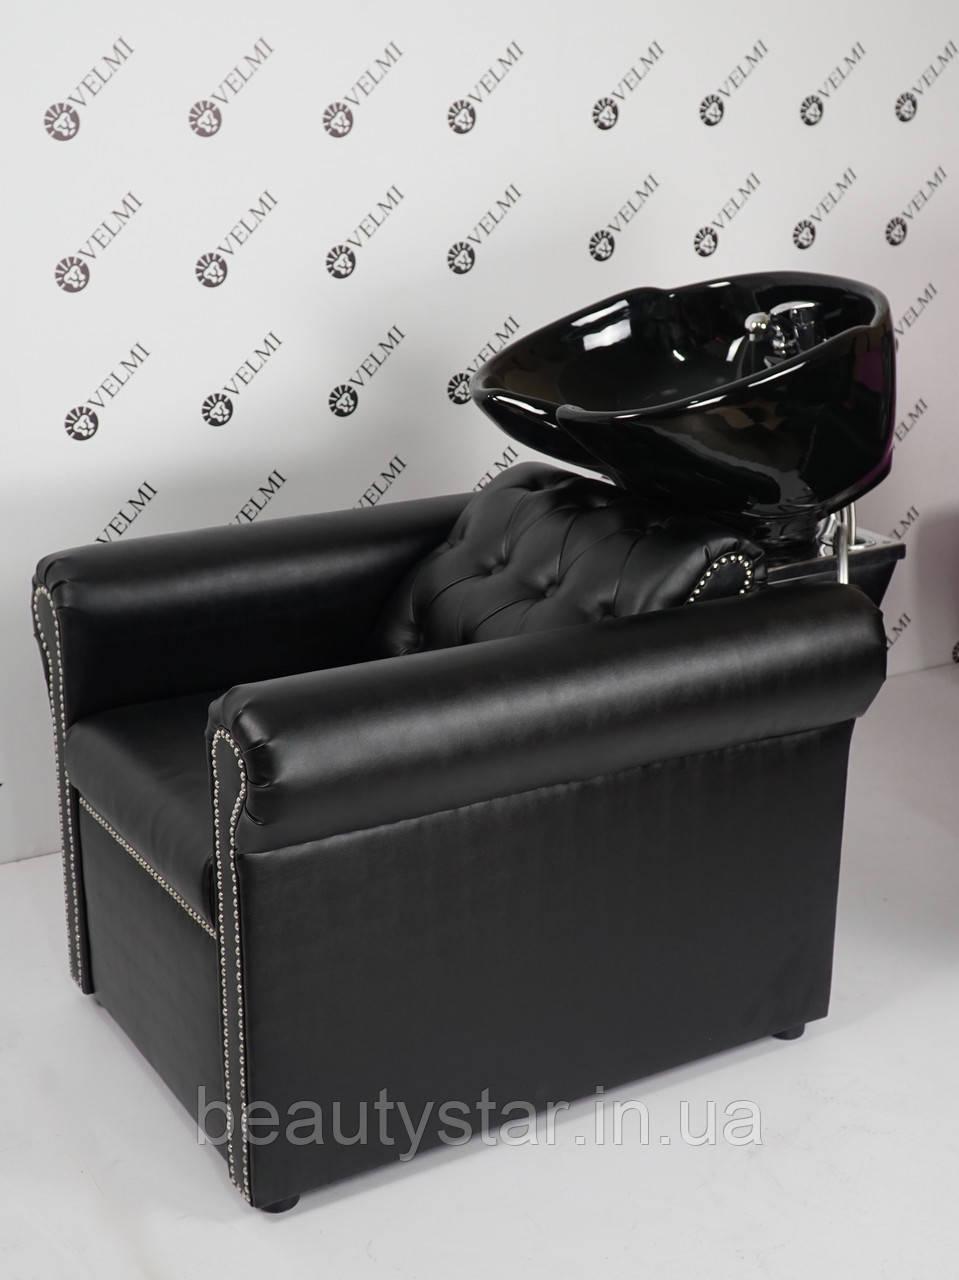 Крісло-Мийка перукарня для салонів краси PUARO стаціонарні мийки для голови з широким кріслом